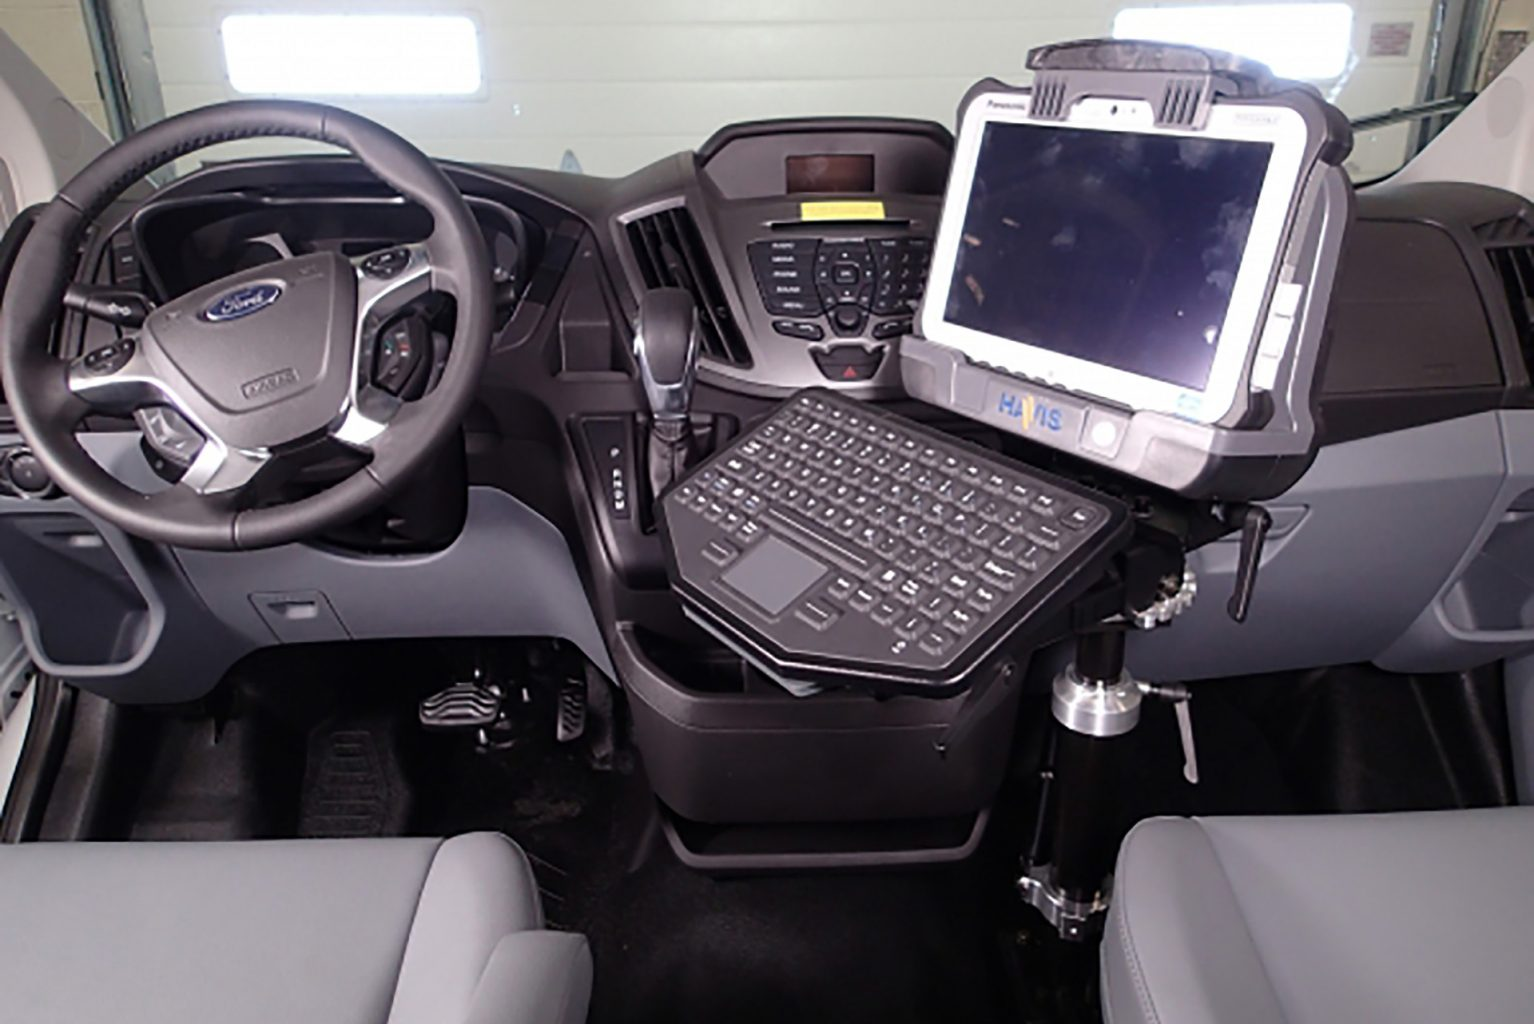 Computer mounted inside Prisoner Transport van dashboard